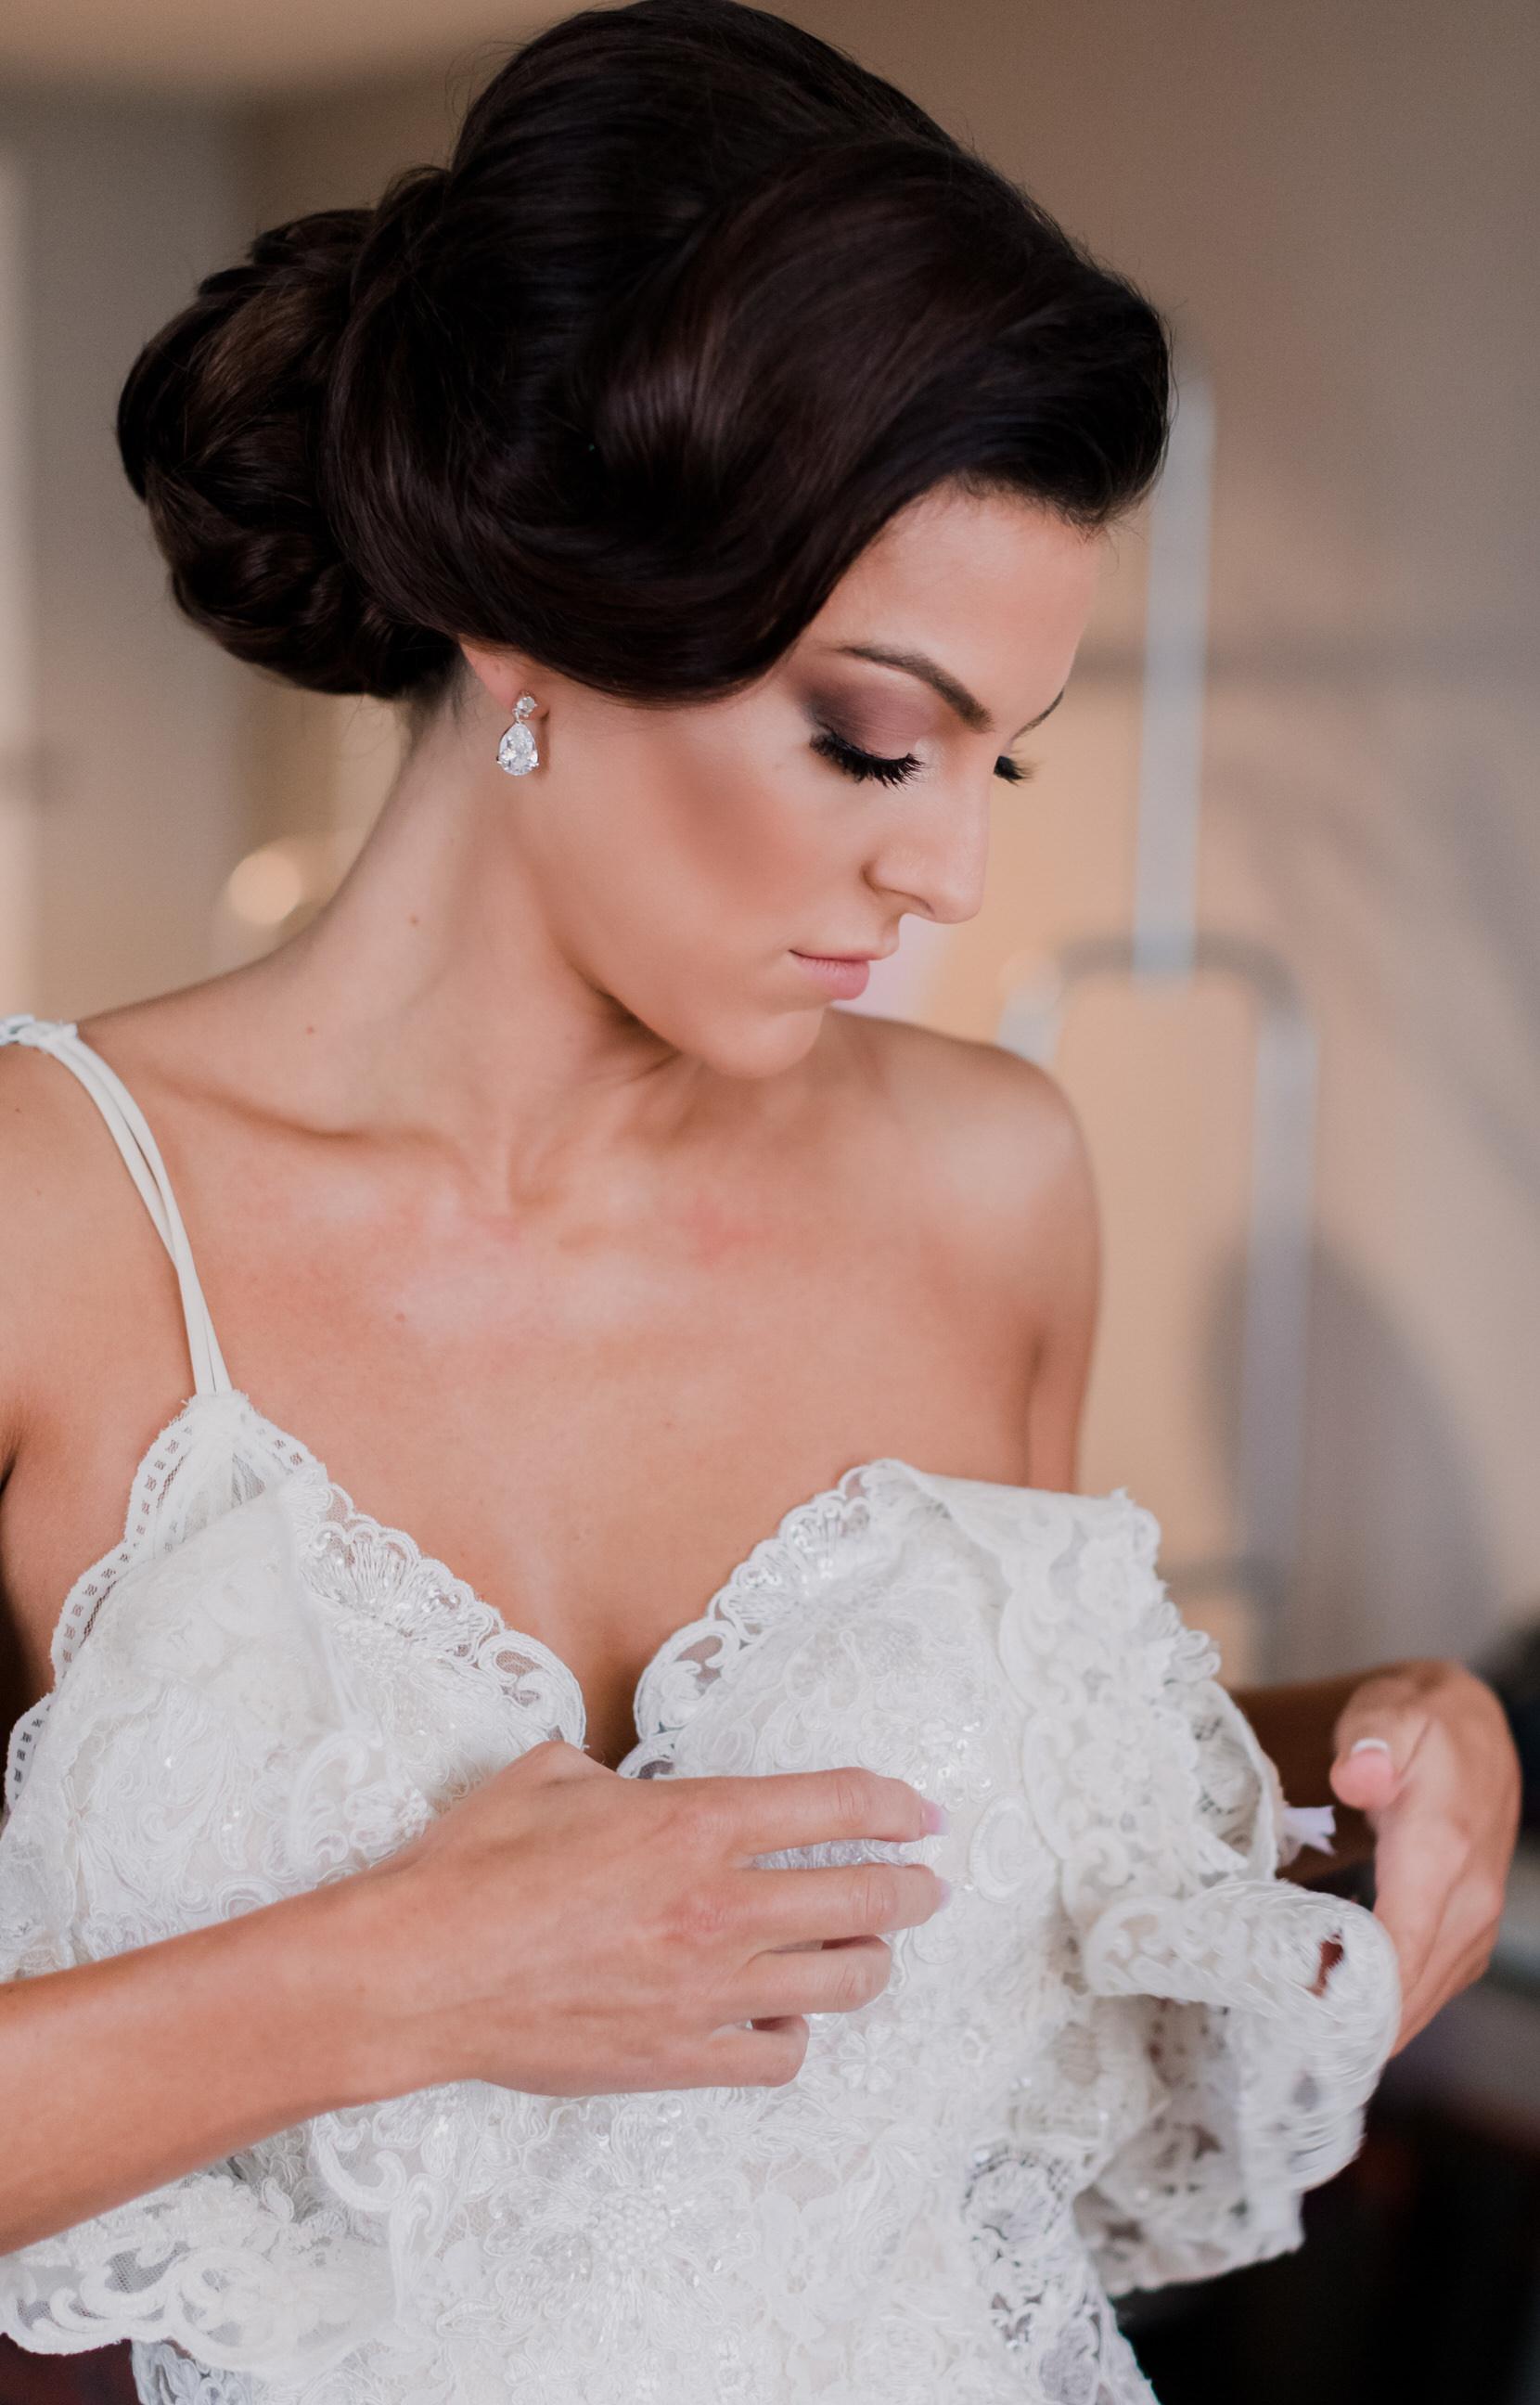 Pitt Meadows Wedding Photographer - Sky Hangar Wedding Photos - Vancouver Wedding Photographer & Videographer - Sunshine Coast Wedding Photos - Sunshine Coast Wedding Photographer - Jennifer Picard Photography - 1A5A0396.jpg